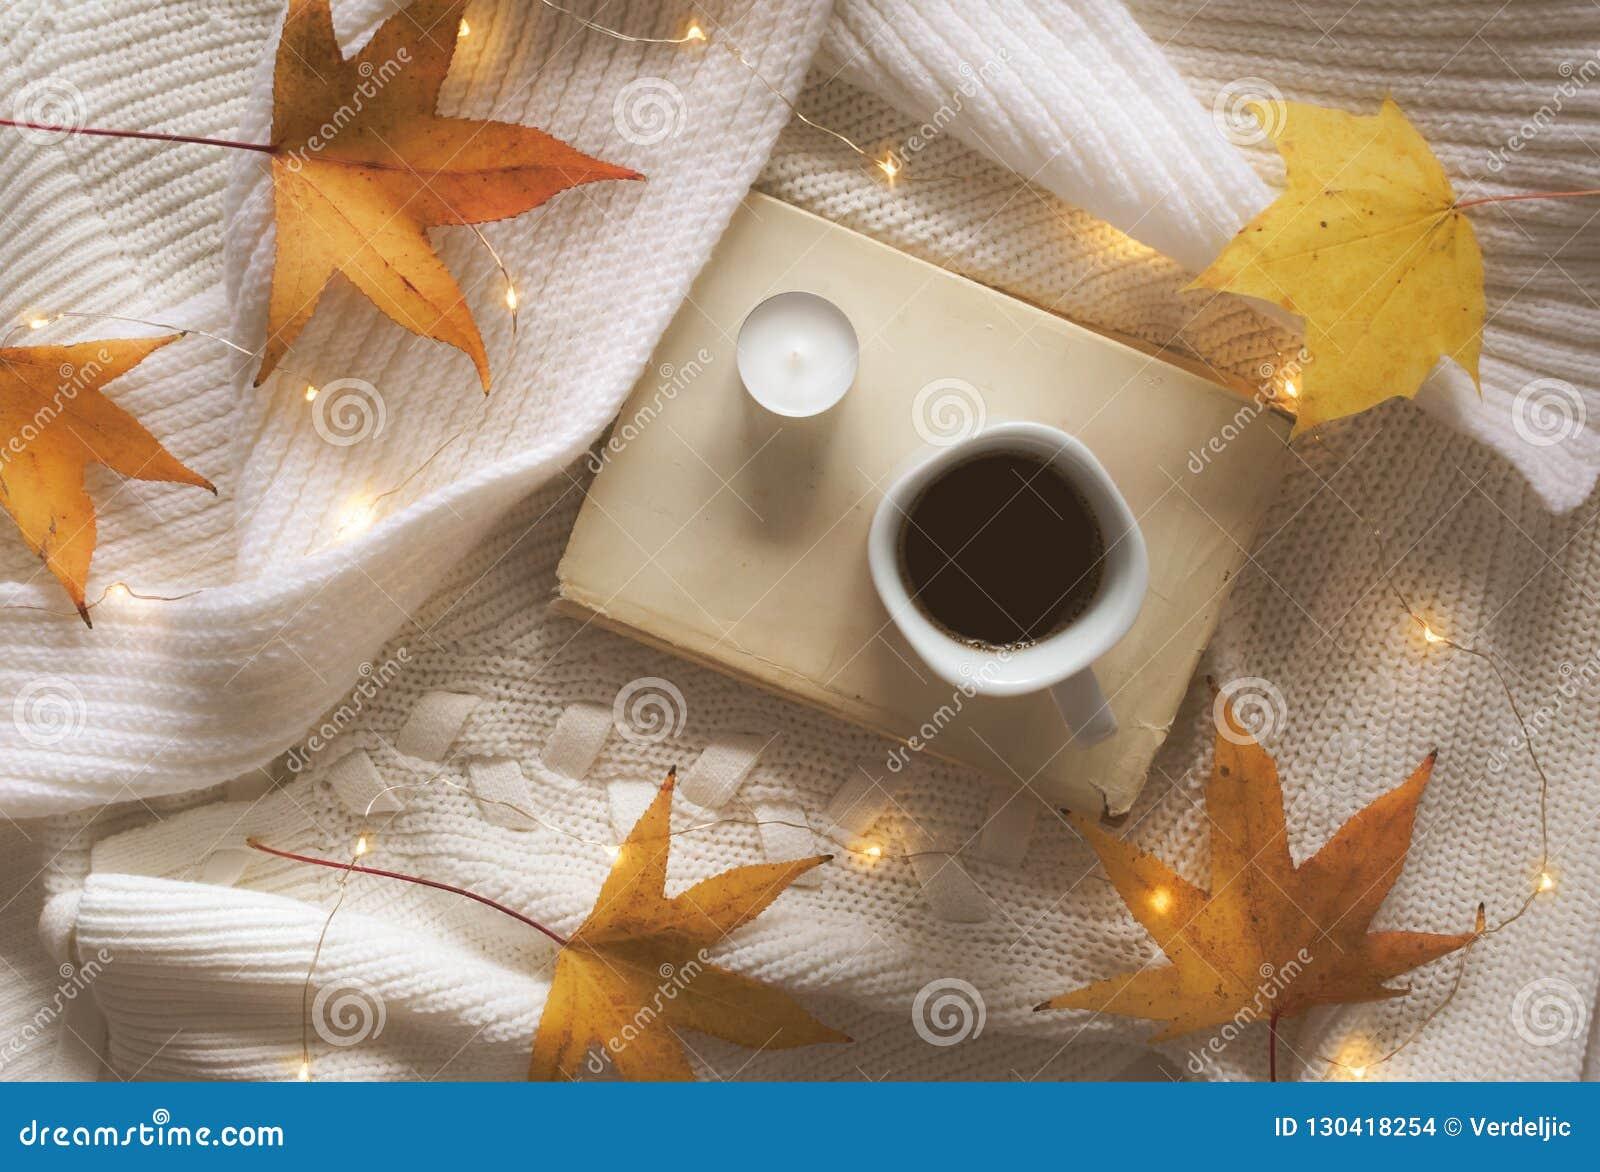 Buch, Kaffee, goldene Blätter, Kerze und Lichter auf einer weißen Strickjacke